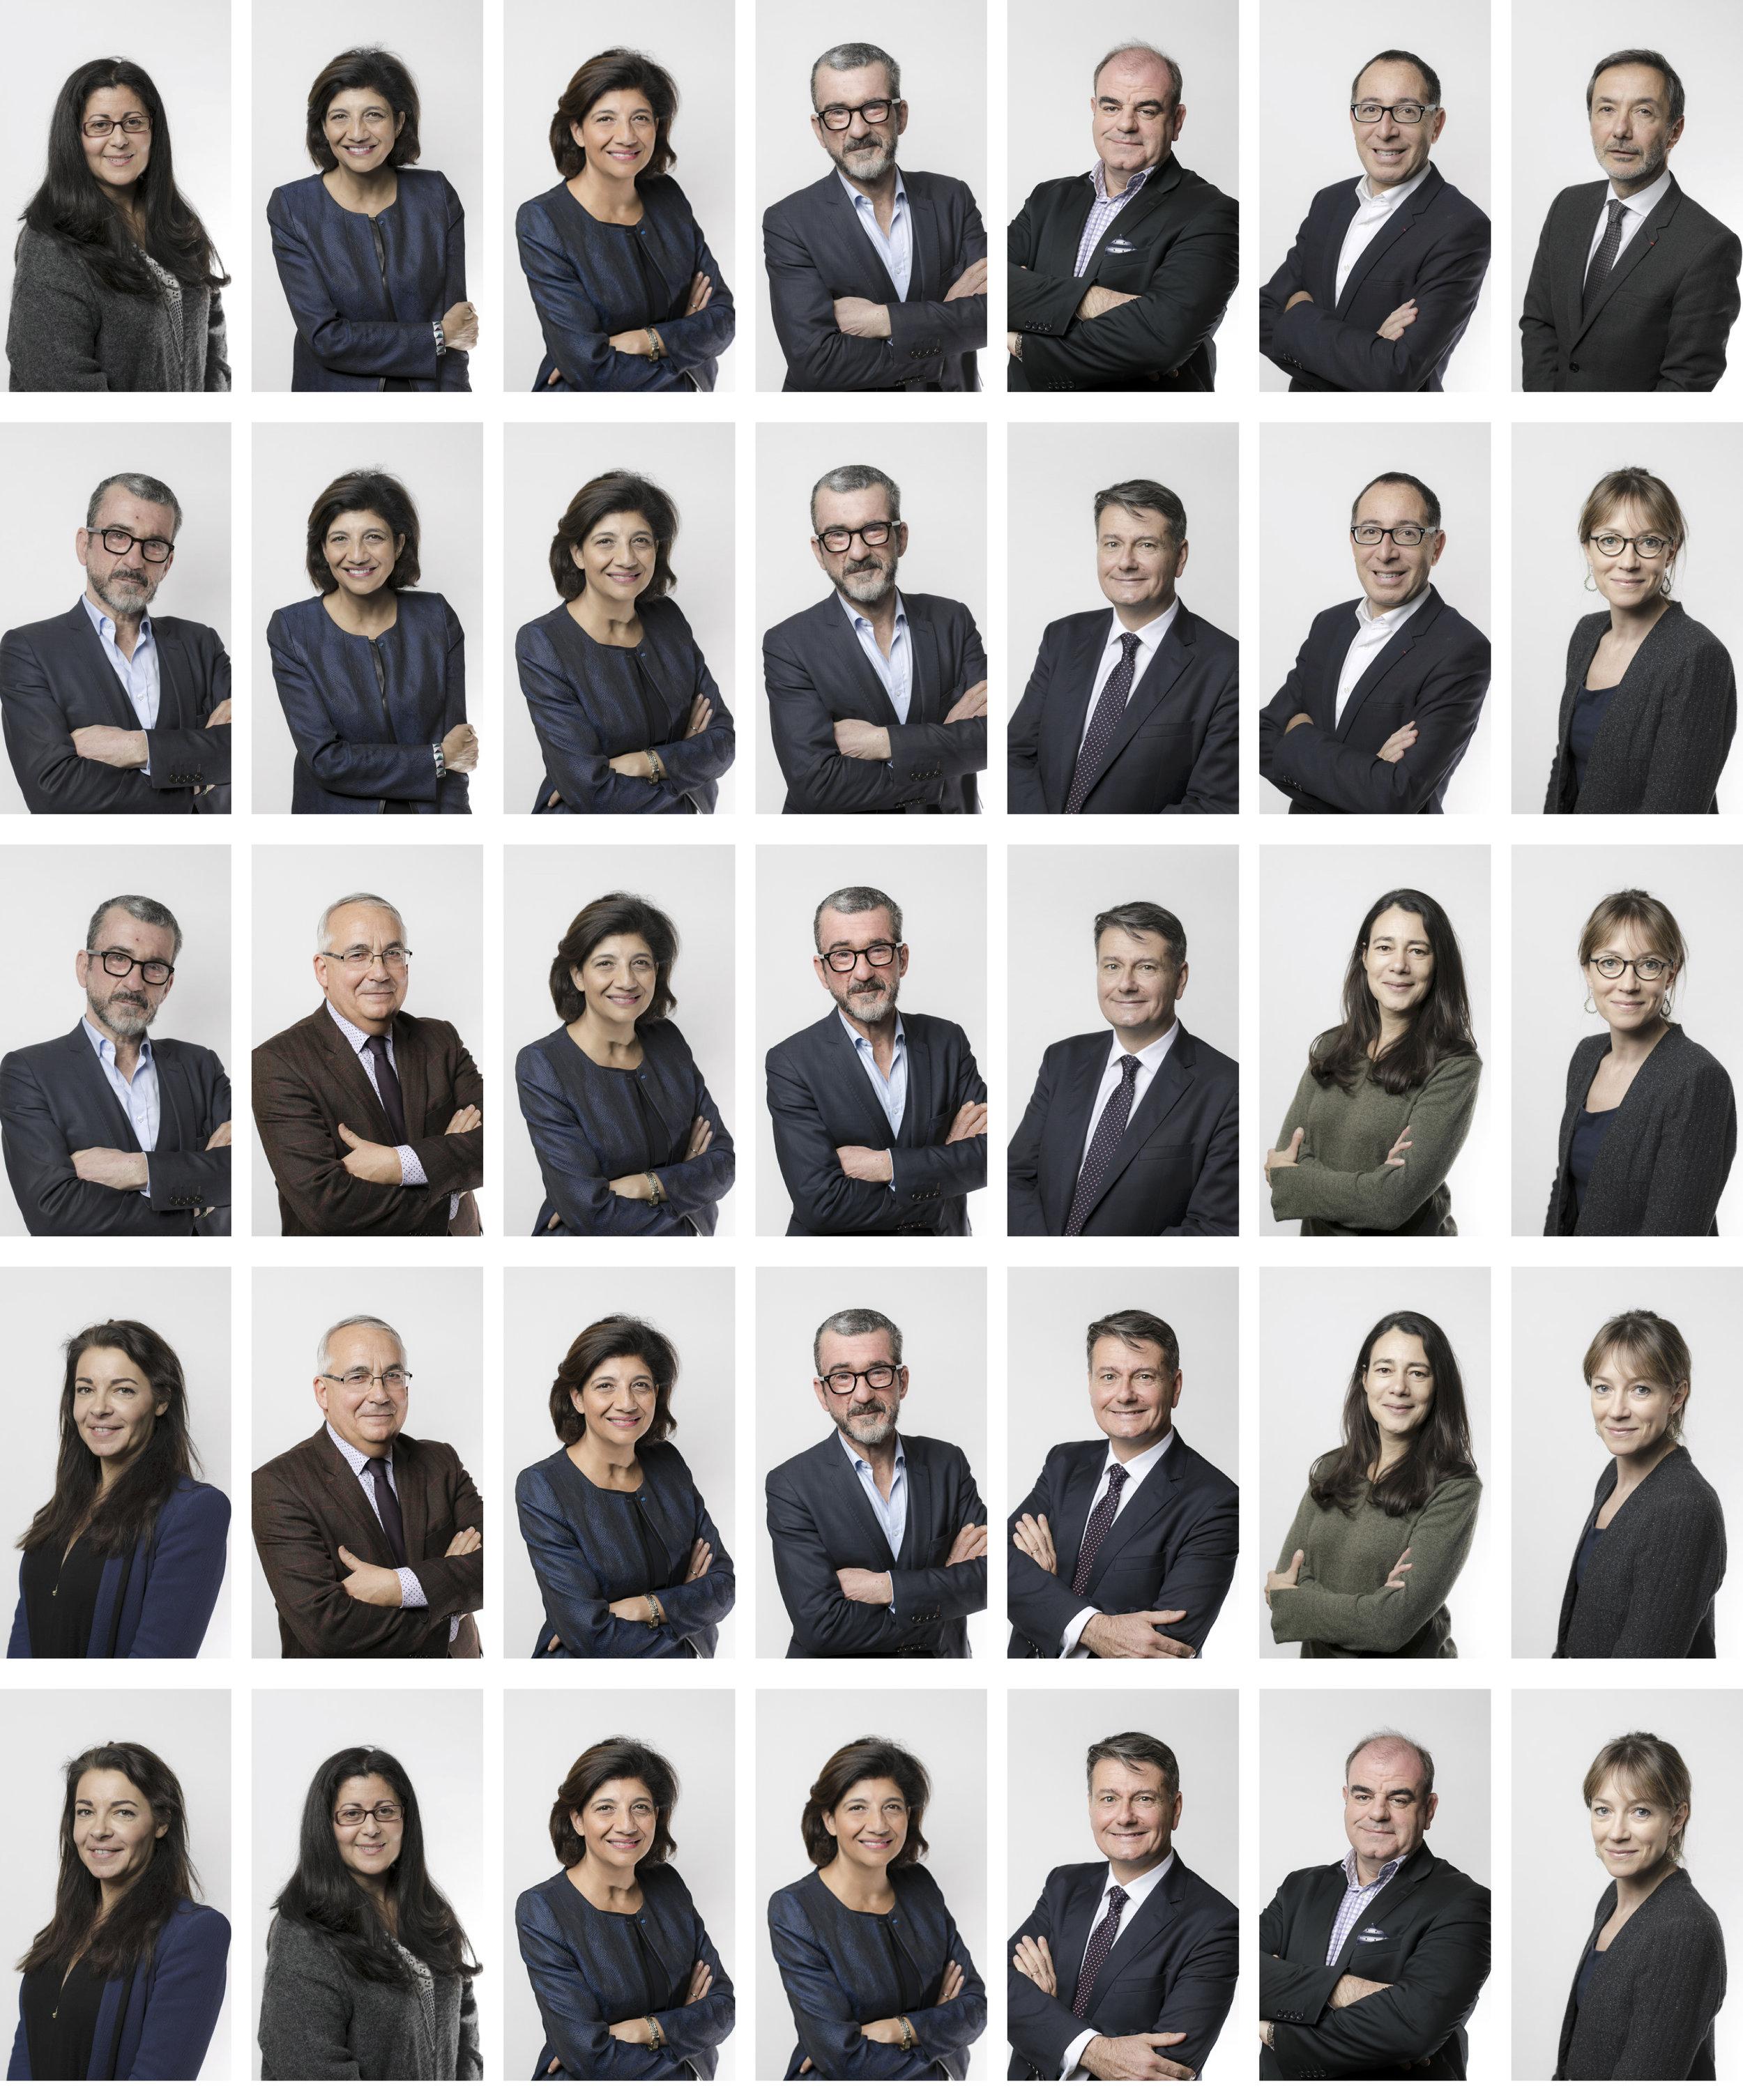 Membres du Conseil National des Barreaux 2018